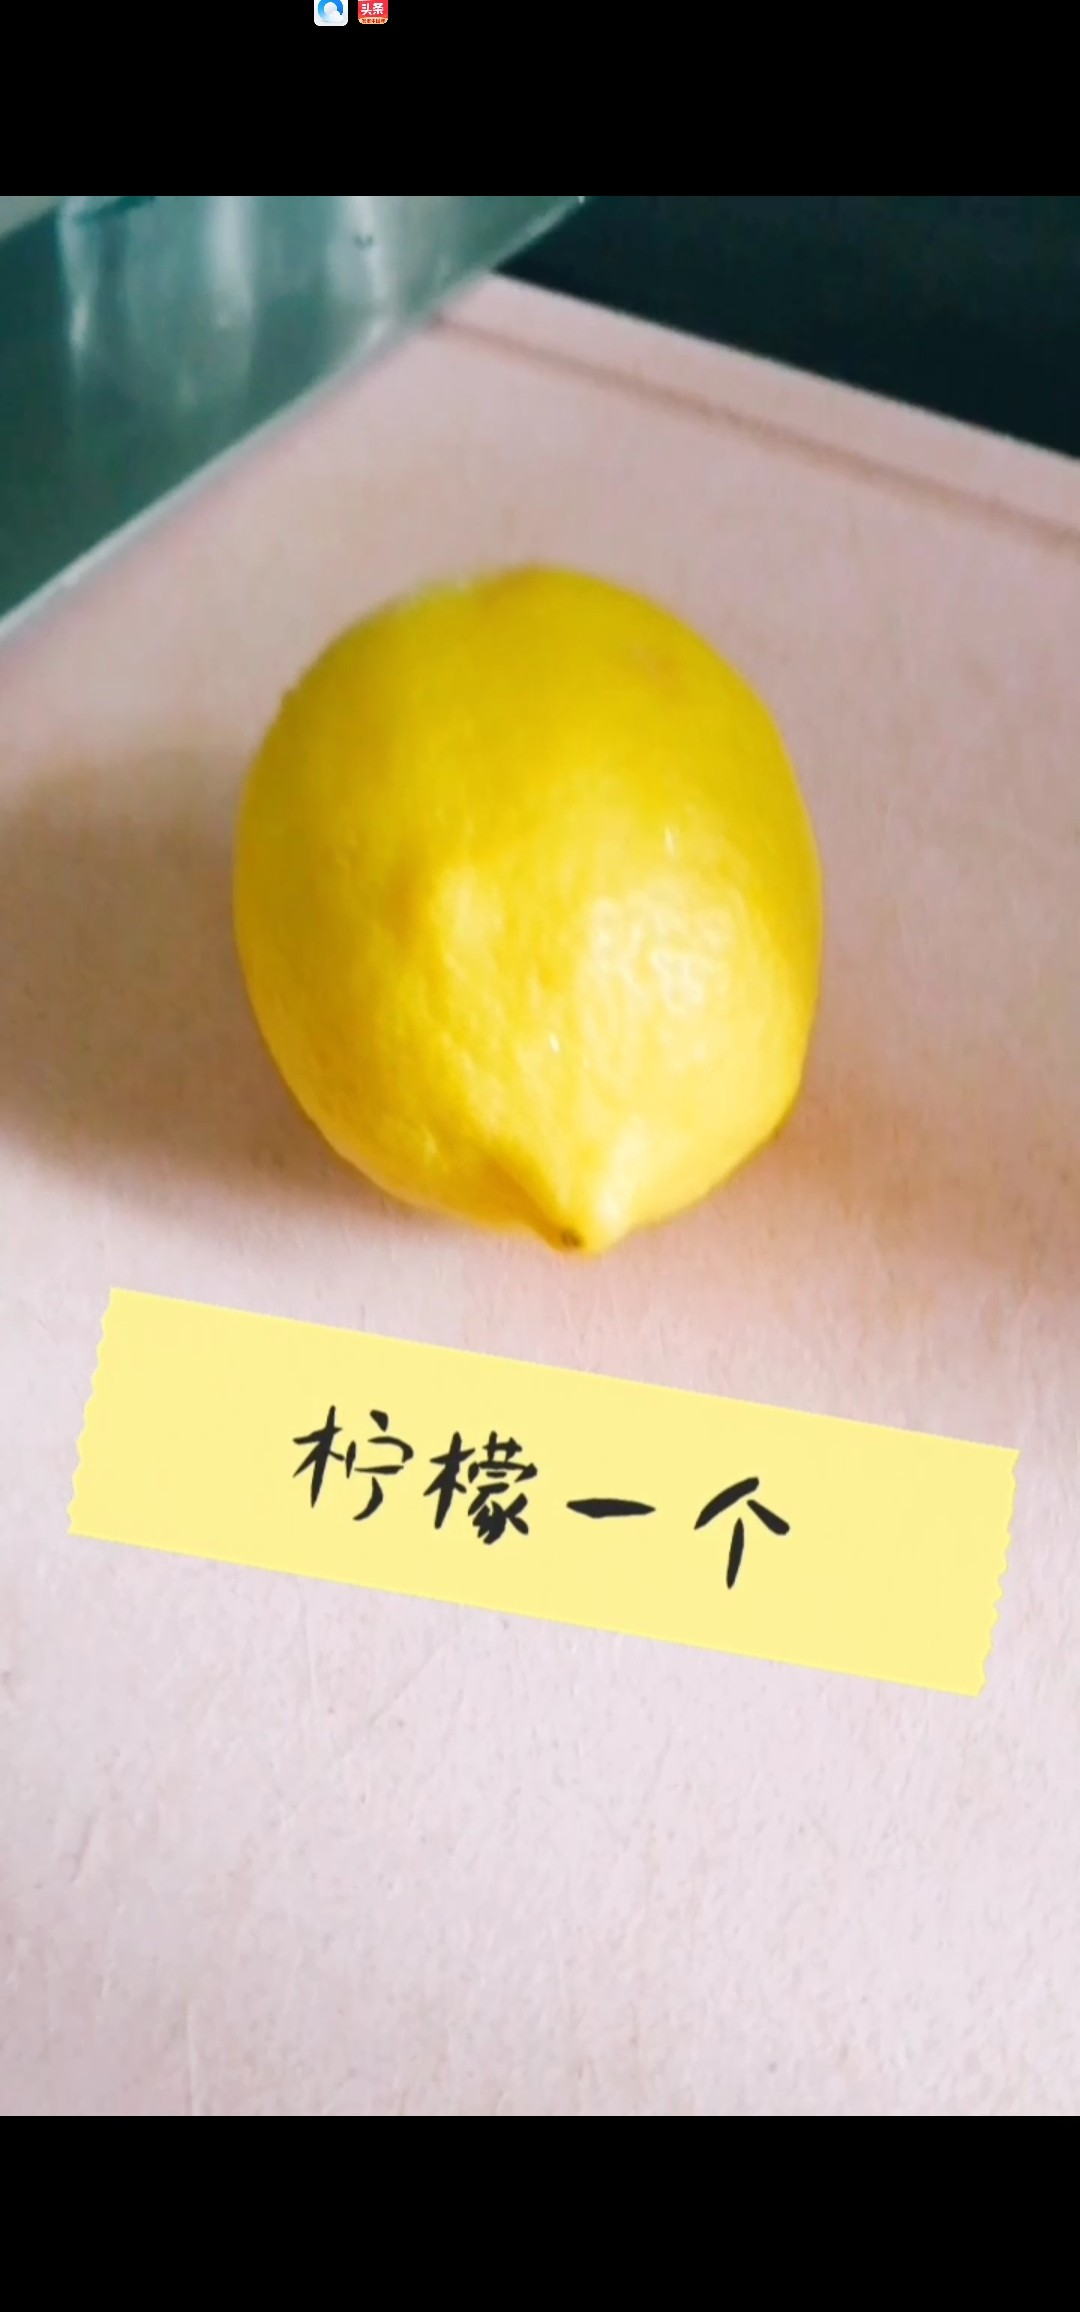 甲状腺炎食谱:热柠檬水的步骤